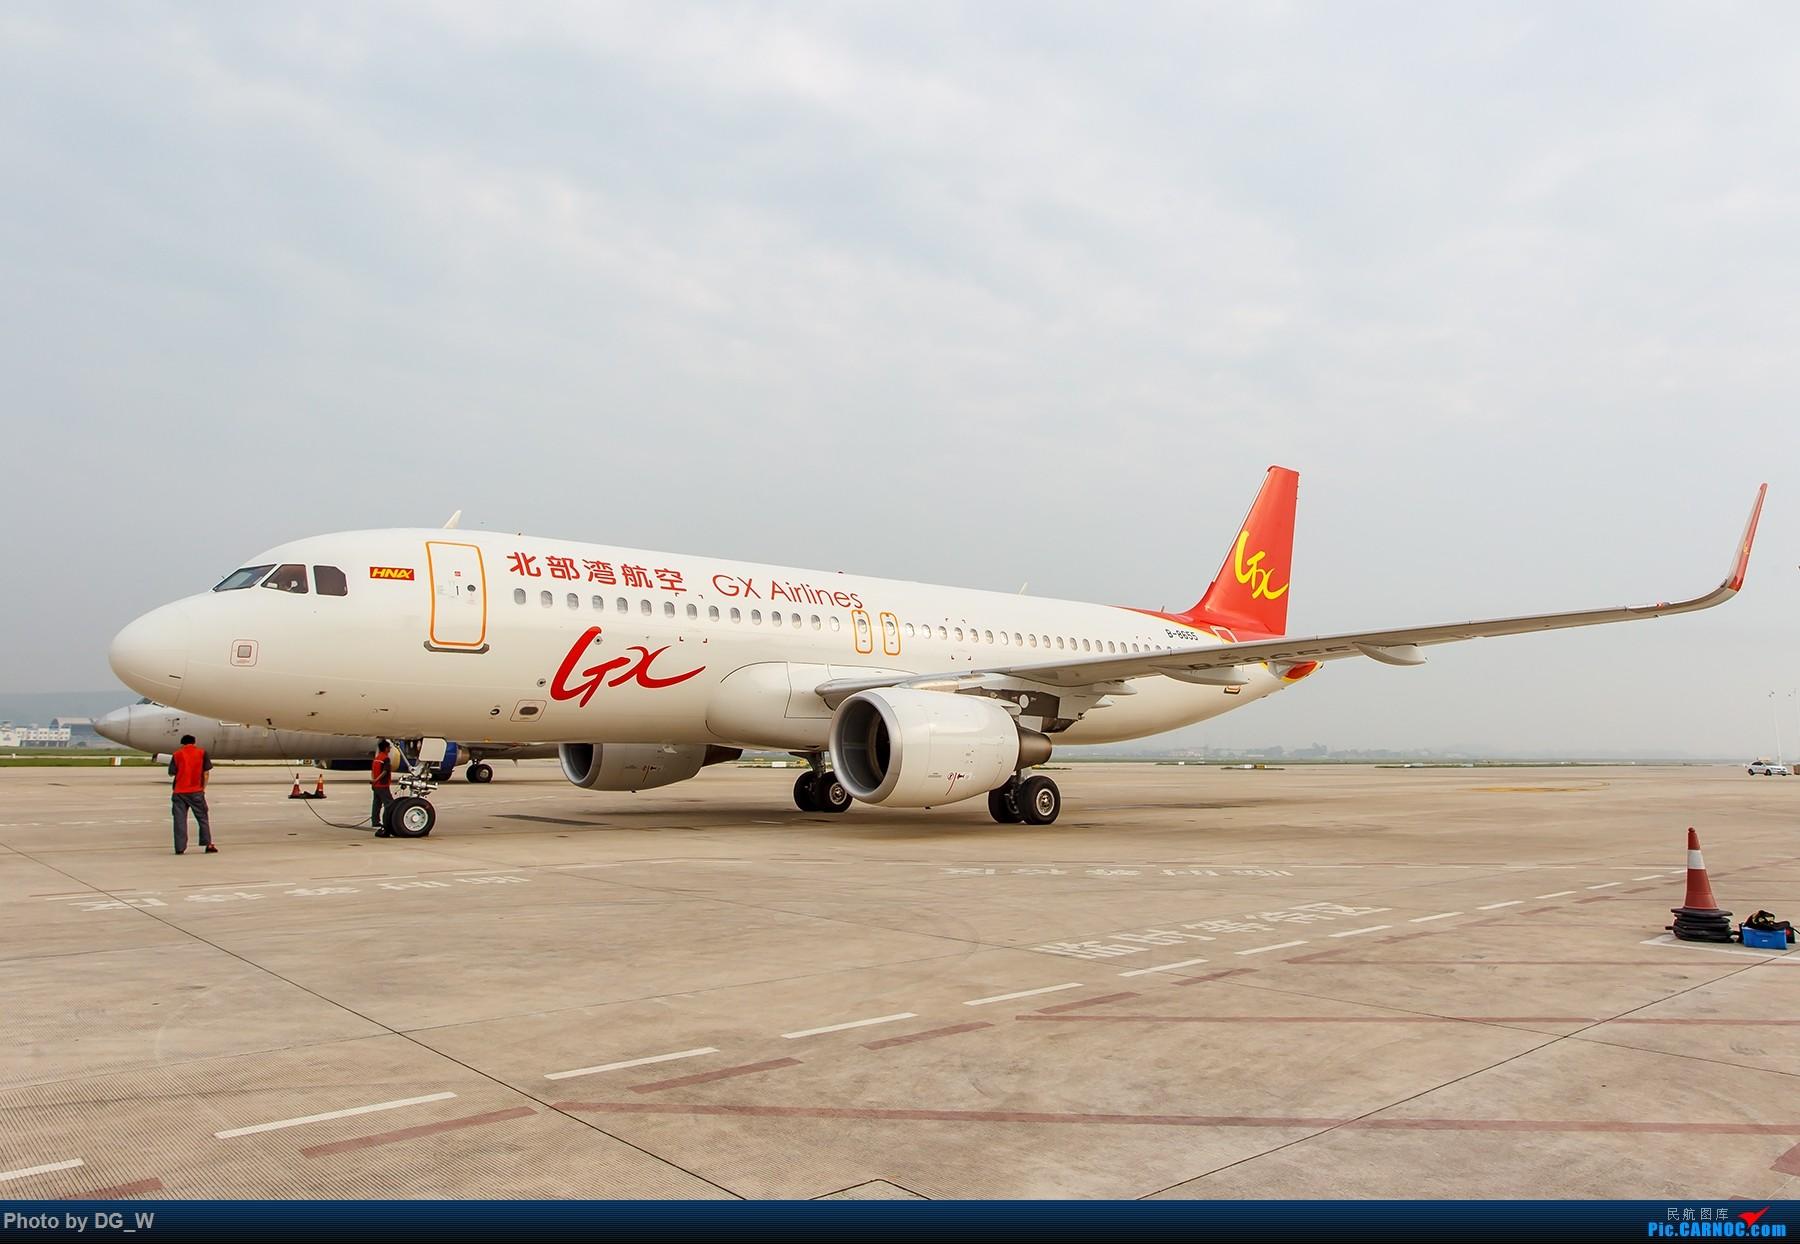 【南宁飞友】重度拖延症-北部湾航空A320首航拍机 AIRBUS A320-200 B-8655 中国南宁吴圩国际机场